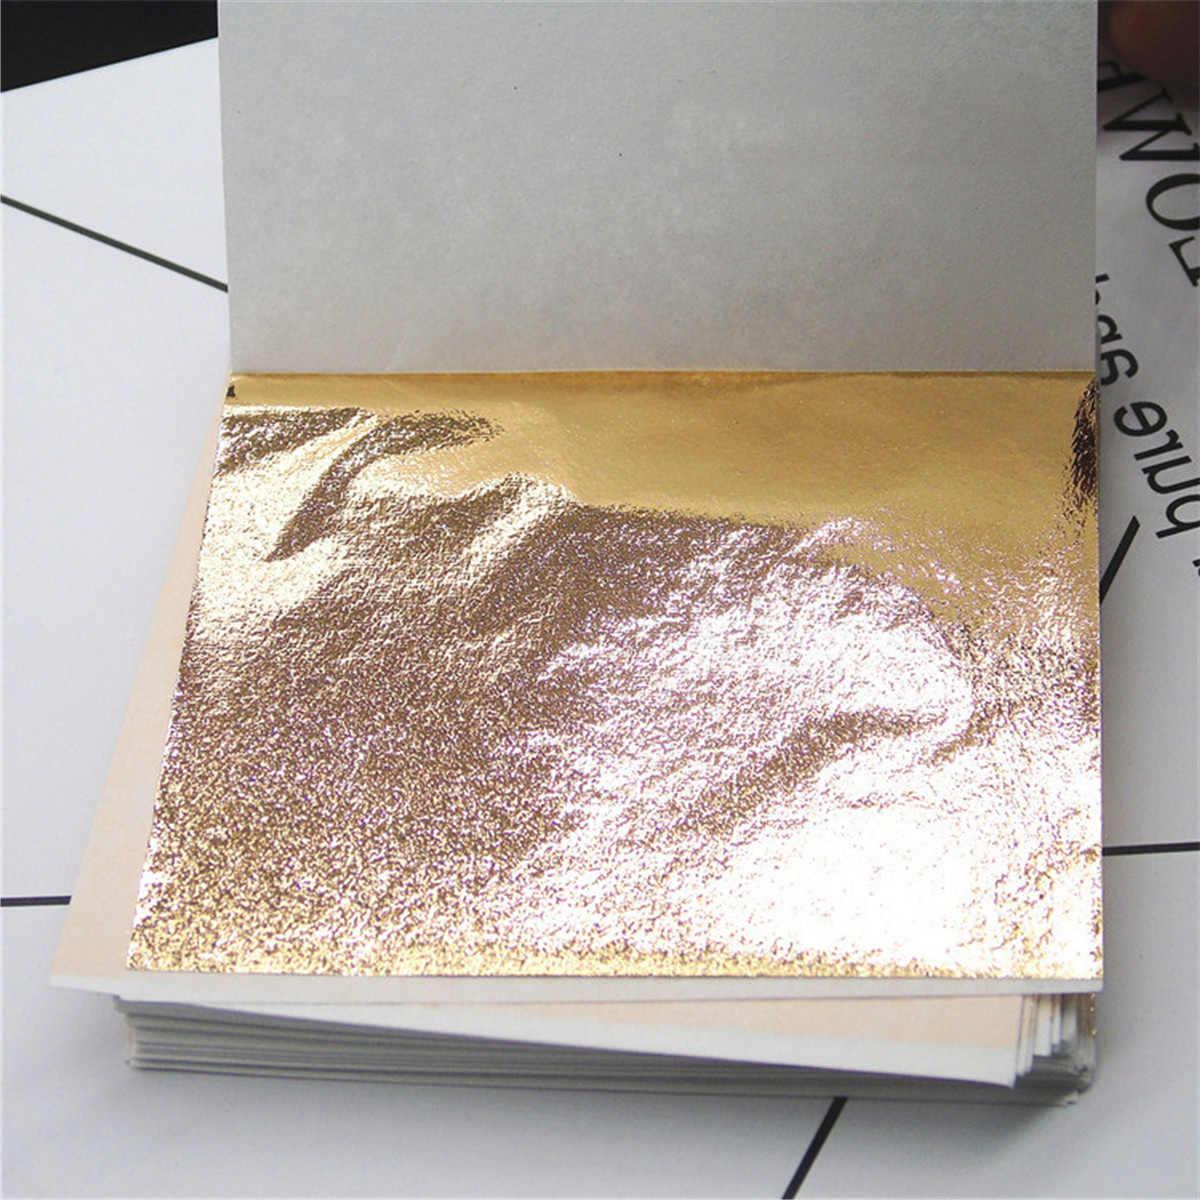 Nail Art สติกเกอร์ฟอยล์โอนกระดาษ DIY 100 แผ่นเทียมทองสำหรับ Slimes Gilding Crafting กรอบตกแต่งอุปกรณ์เสริม